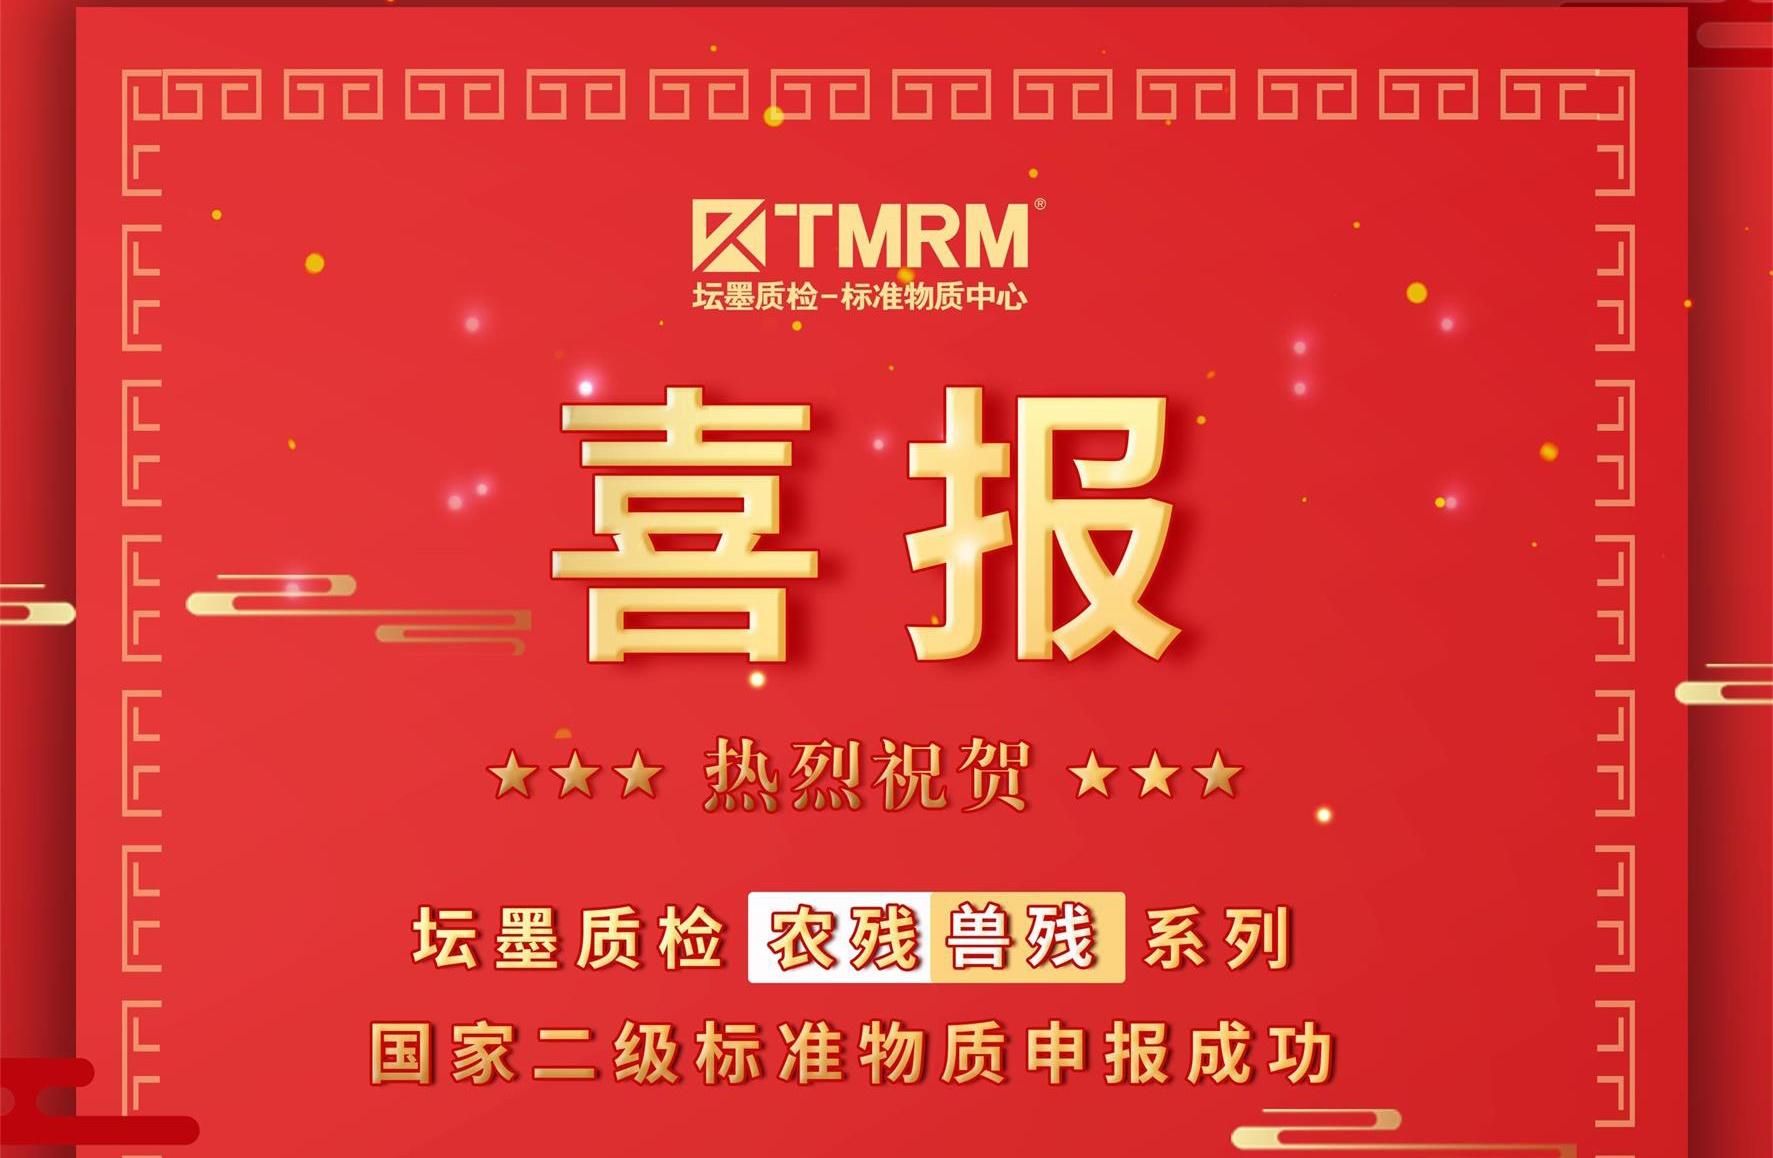 又双叒叕火啦!时隔一周,坛墨再度成功申报国家二级标准物质!